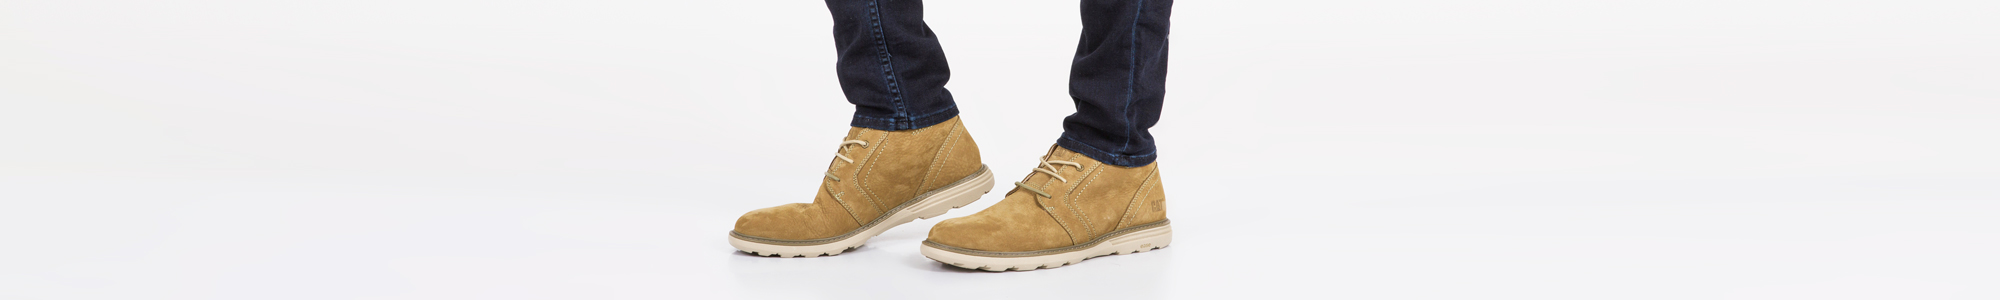 נעליים גבוהות